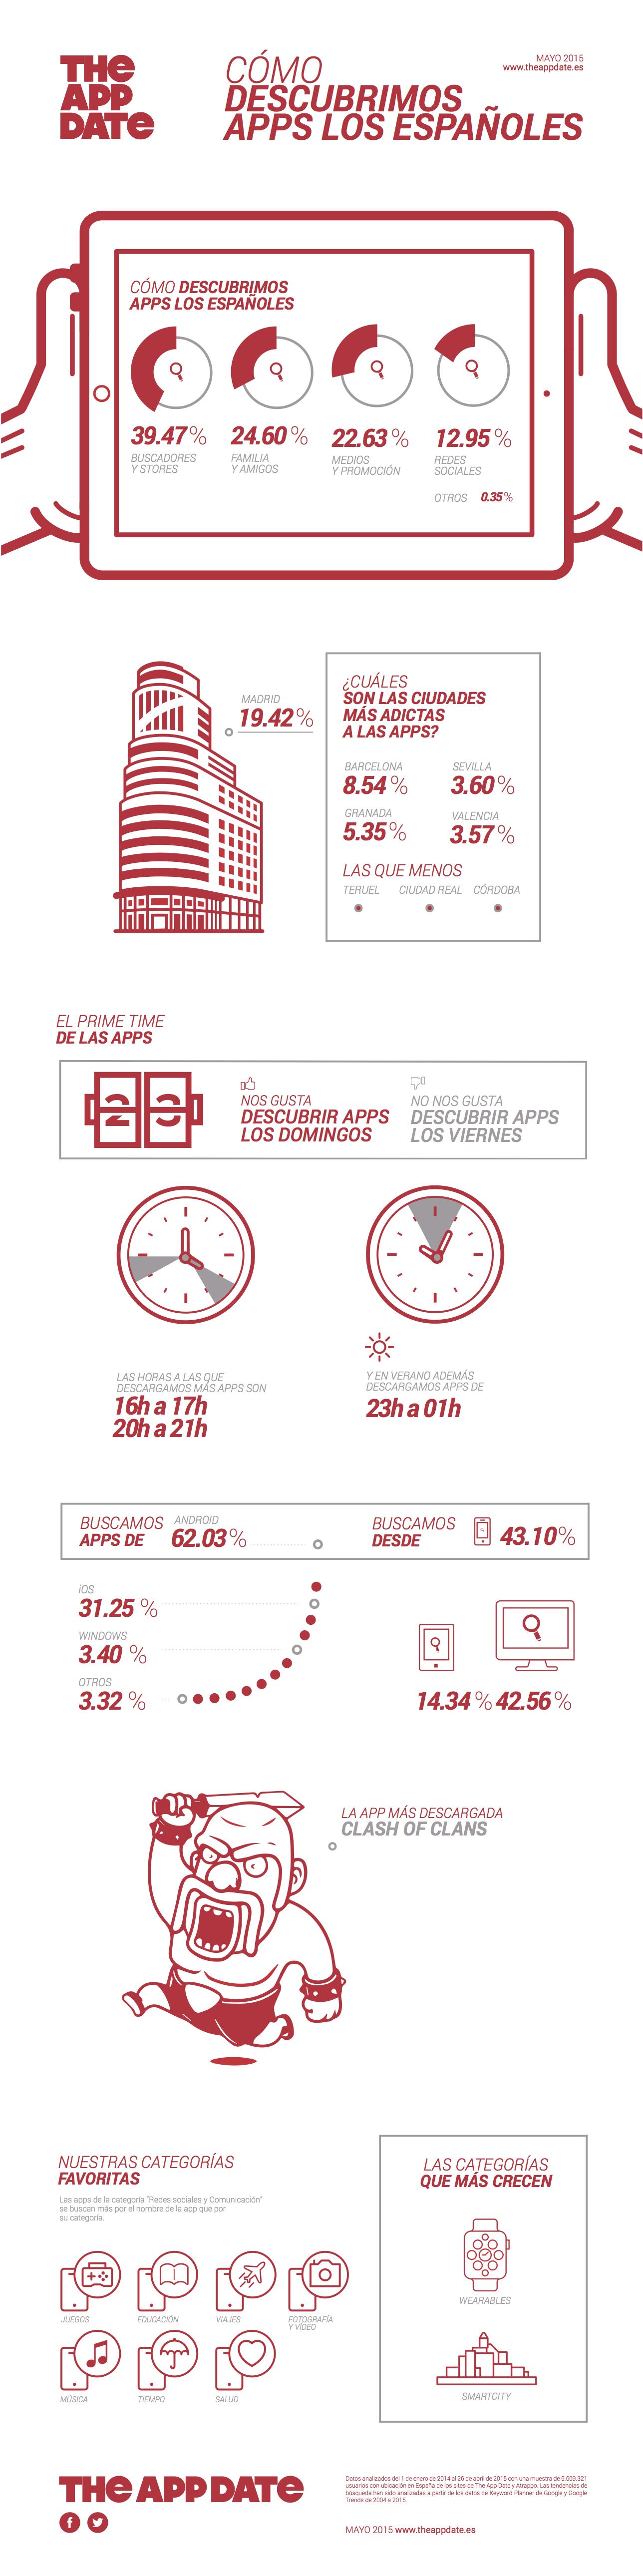 infografia-como-descubrimos-apps-espana-2015